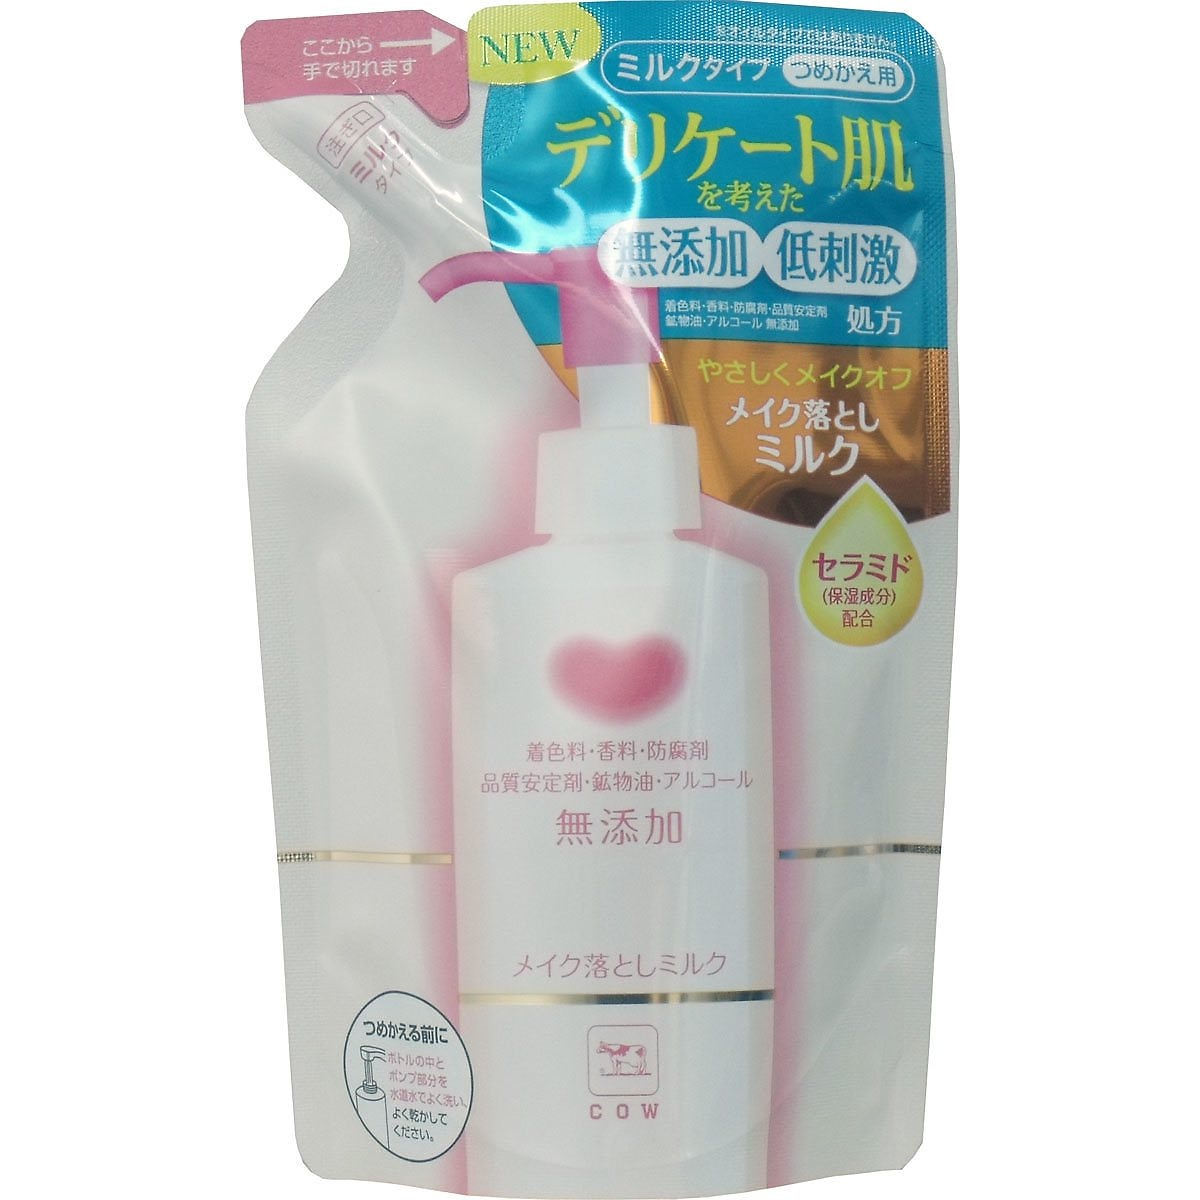 カウブランド 無添加 メイク落としミルク つめかえ用 130ml